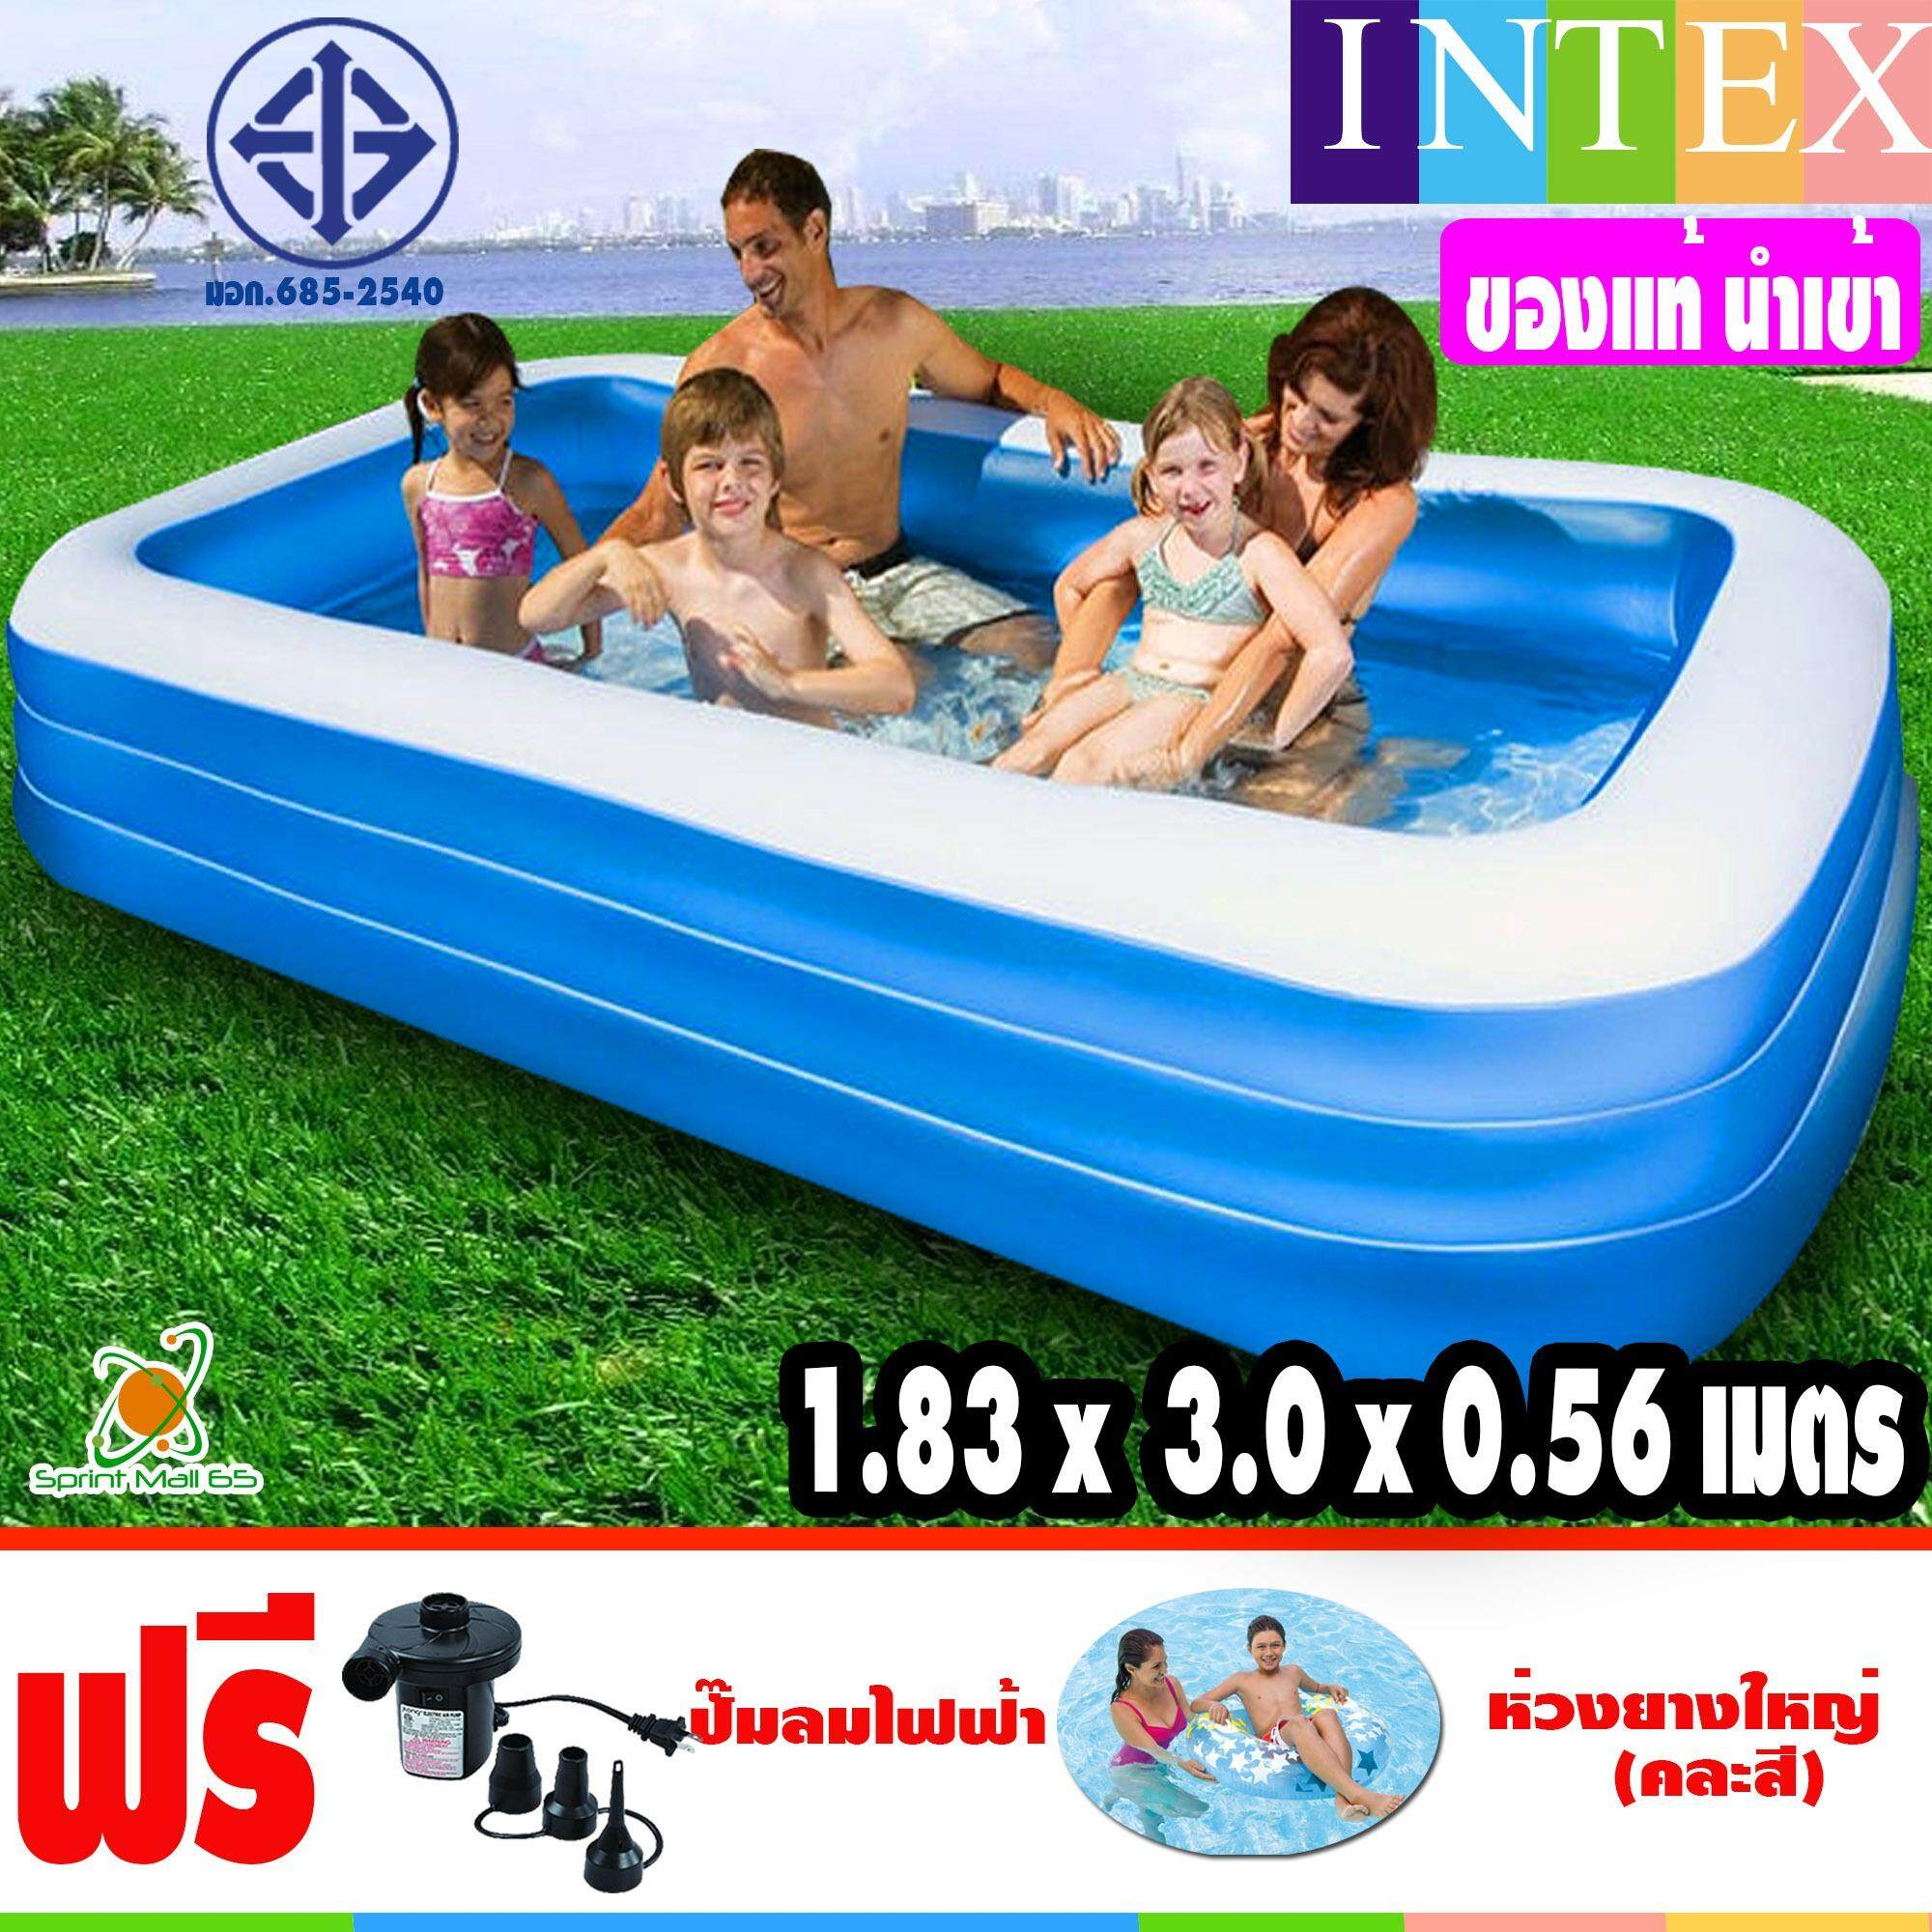 ราคา สระว่ายน้ำเด็ก สระว่ายน้ำเป่าลม สระเป่าลม Intex Swim Center Family Pool สระน้ำเป่าลมสำหรับครอบครัว 3ชั้น รุ่น 58484 ขนาด 3 เมตร ลึก 56 ซม สระน้ำเป่าลม สระน้ำ สระว่ายน้ำเด็ก สระน้ำเป่าลม Intex สระเป่าลม สระน้ำเด็ก สระว่ายน้ำ Intex สระว่ายน้ำยาง Sprint Mall กรุงเทพมหานคร